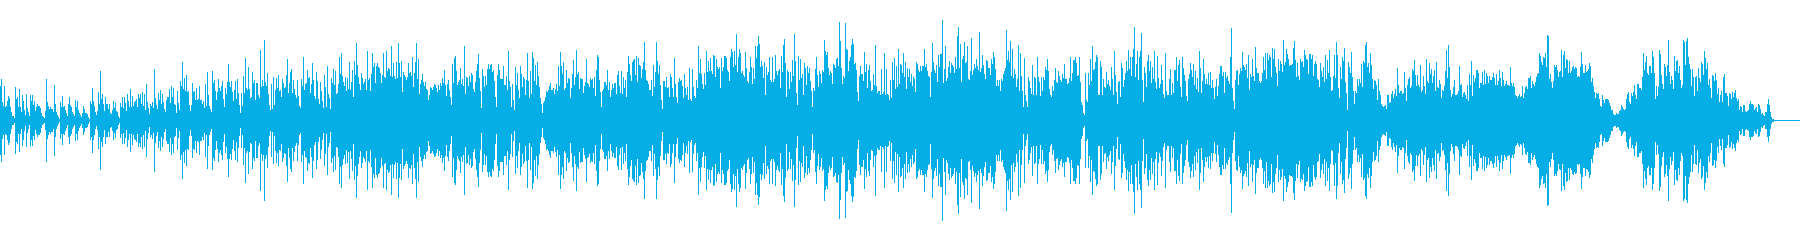 幻想的なハングドラム演奏の再生済みの波形